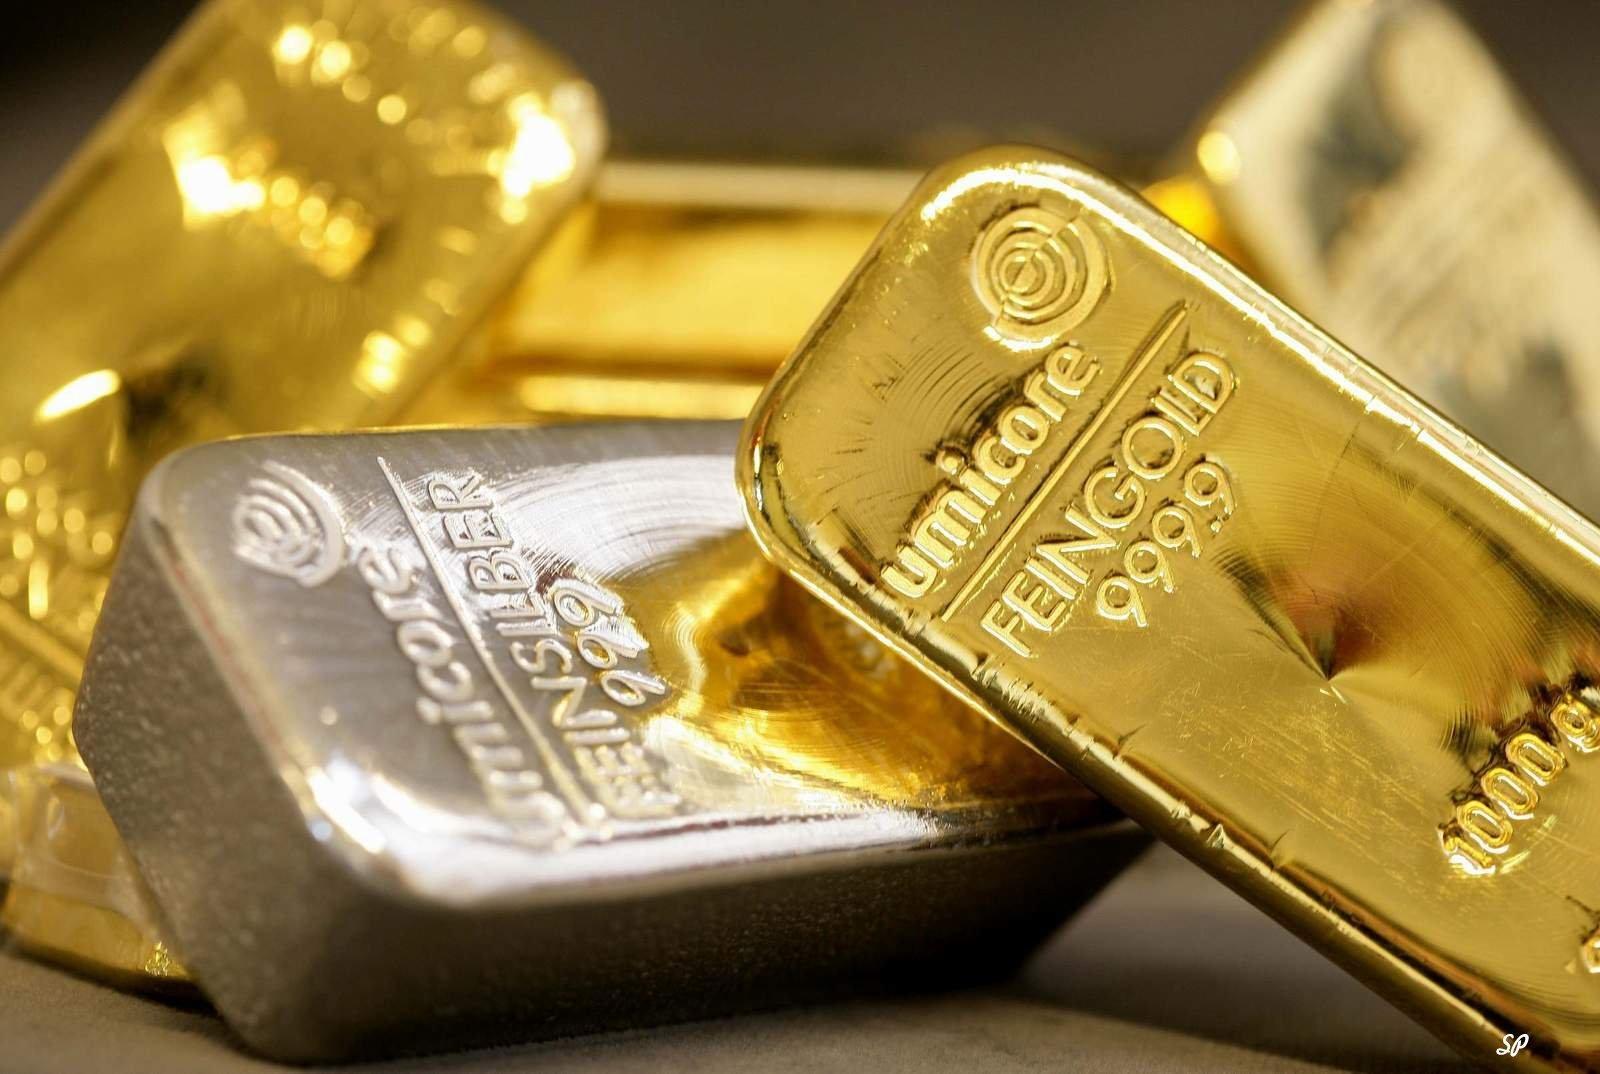 Что такое платина: как выглядит, формула и свойства (плотность, цвет), применение, стоимость, как и где добывается | мк-союз.рф